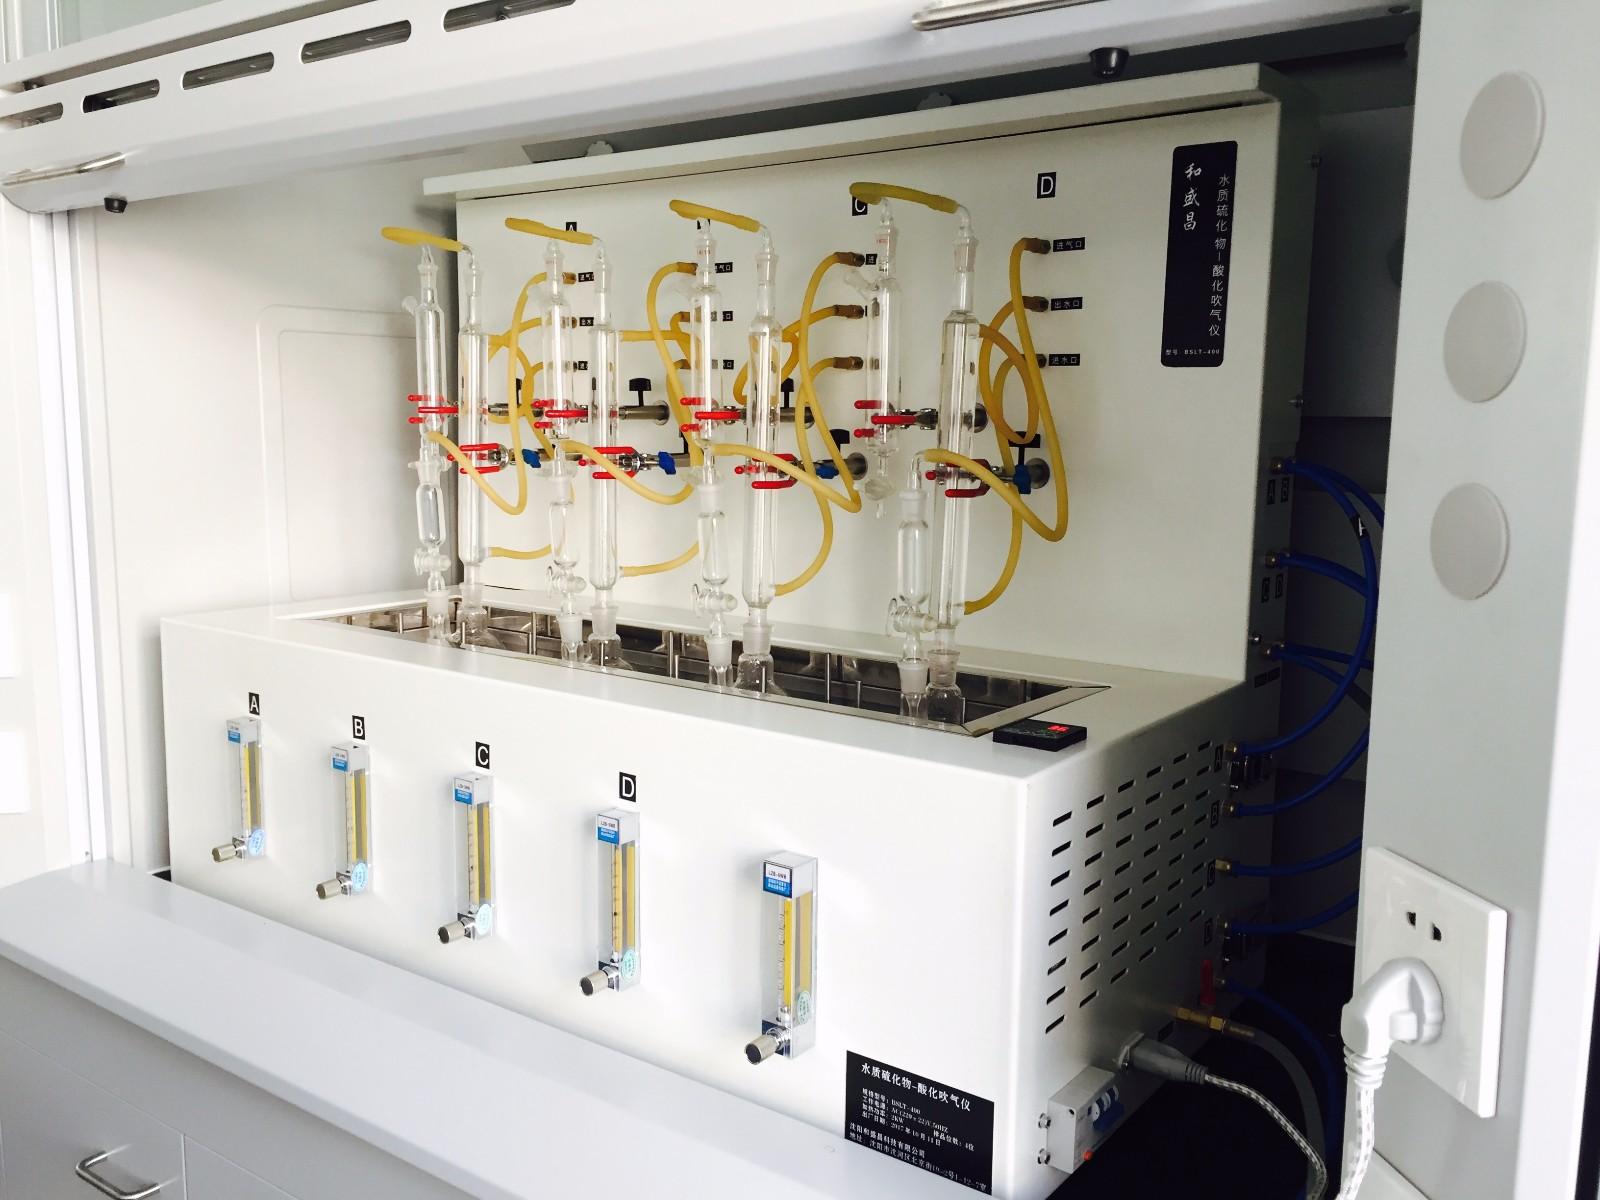 全自动硫化物酸化吹脱装置_沈阳水质硫化物酸化吹气仪销售_沈阳和盛昌科技有限公司